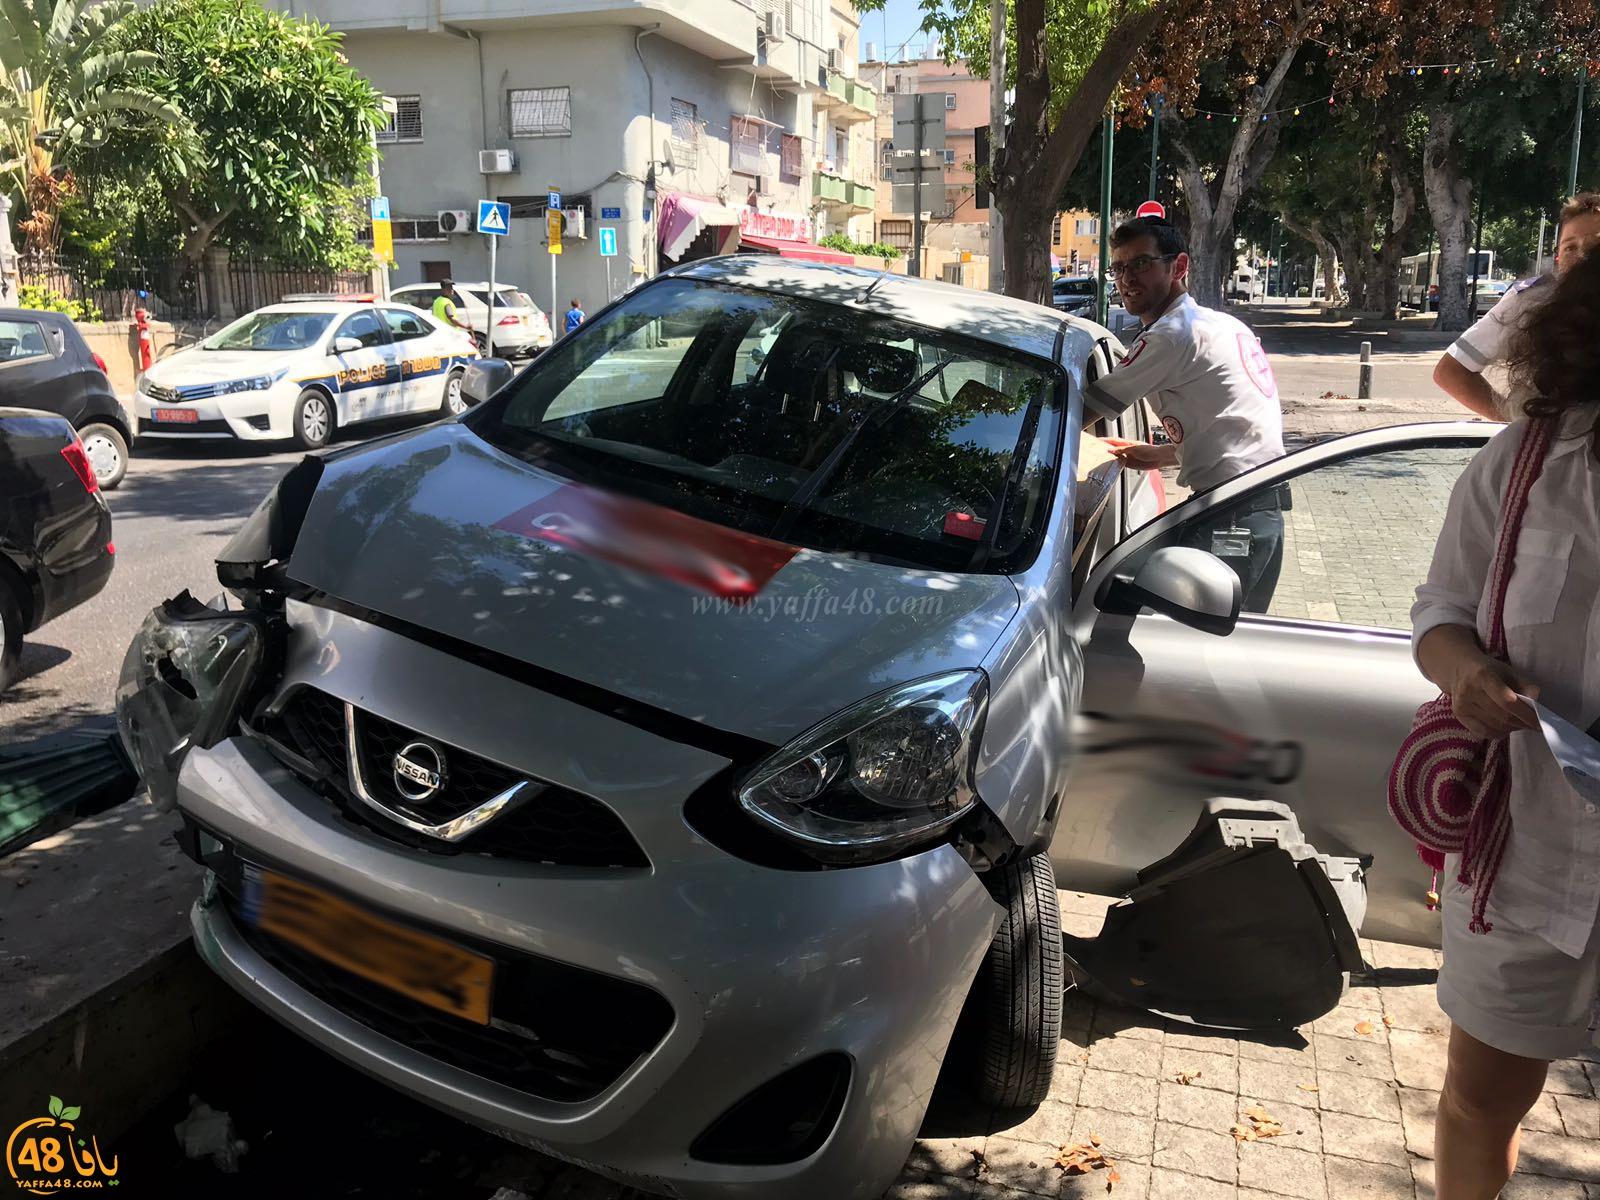 بالصور: حادث طرق ذاتي في مدينة يافا دون اصابات